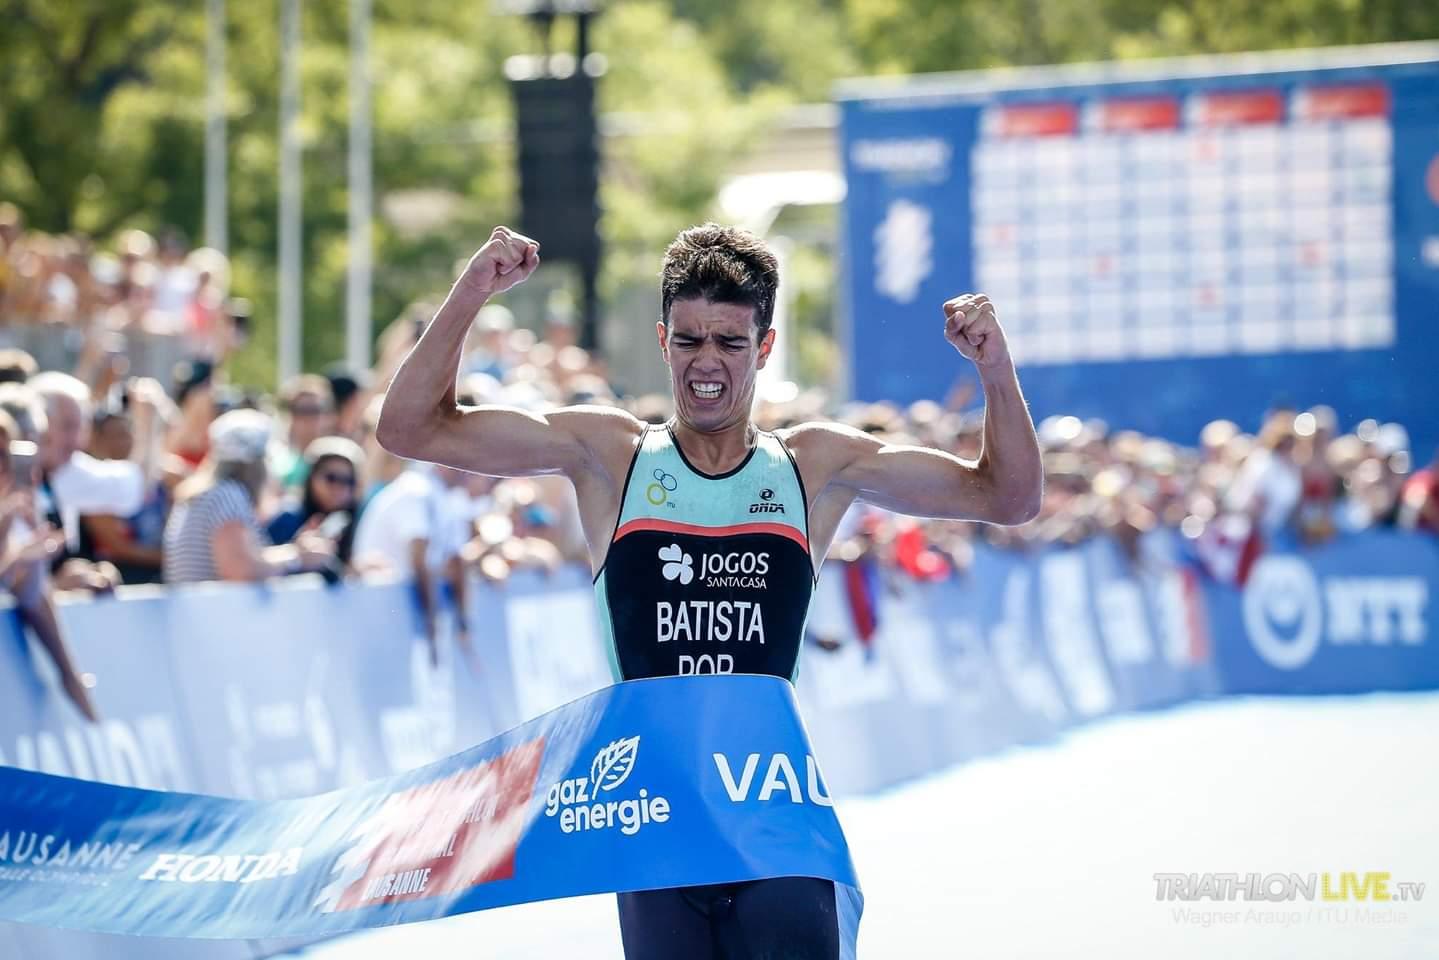 Ricardo Batista conquistou título mundial de triatlo em juniores